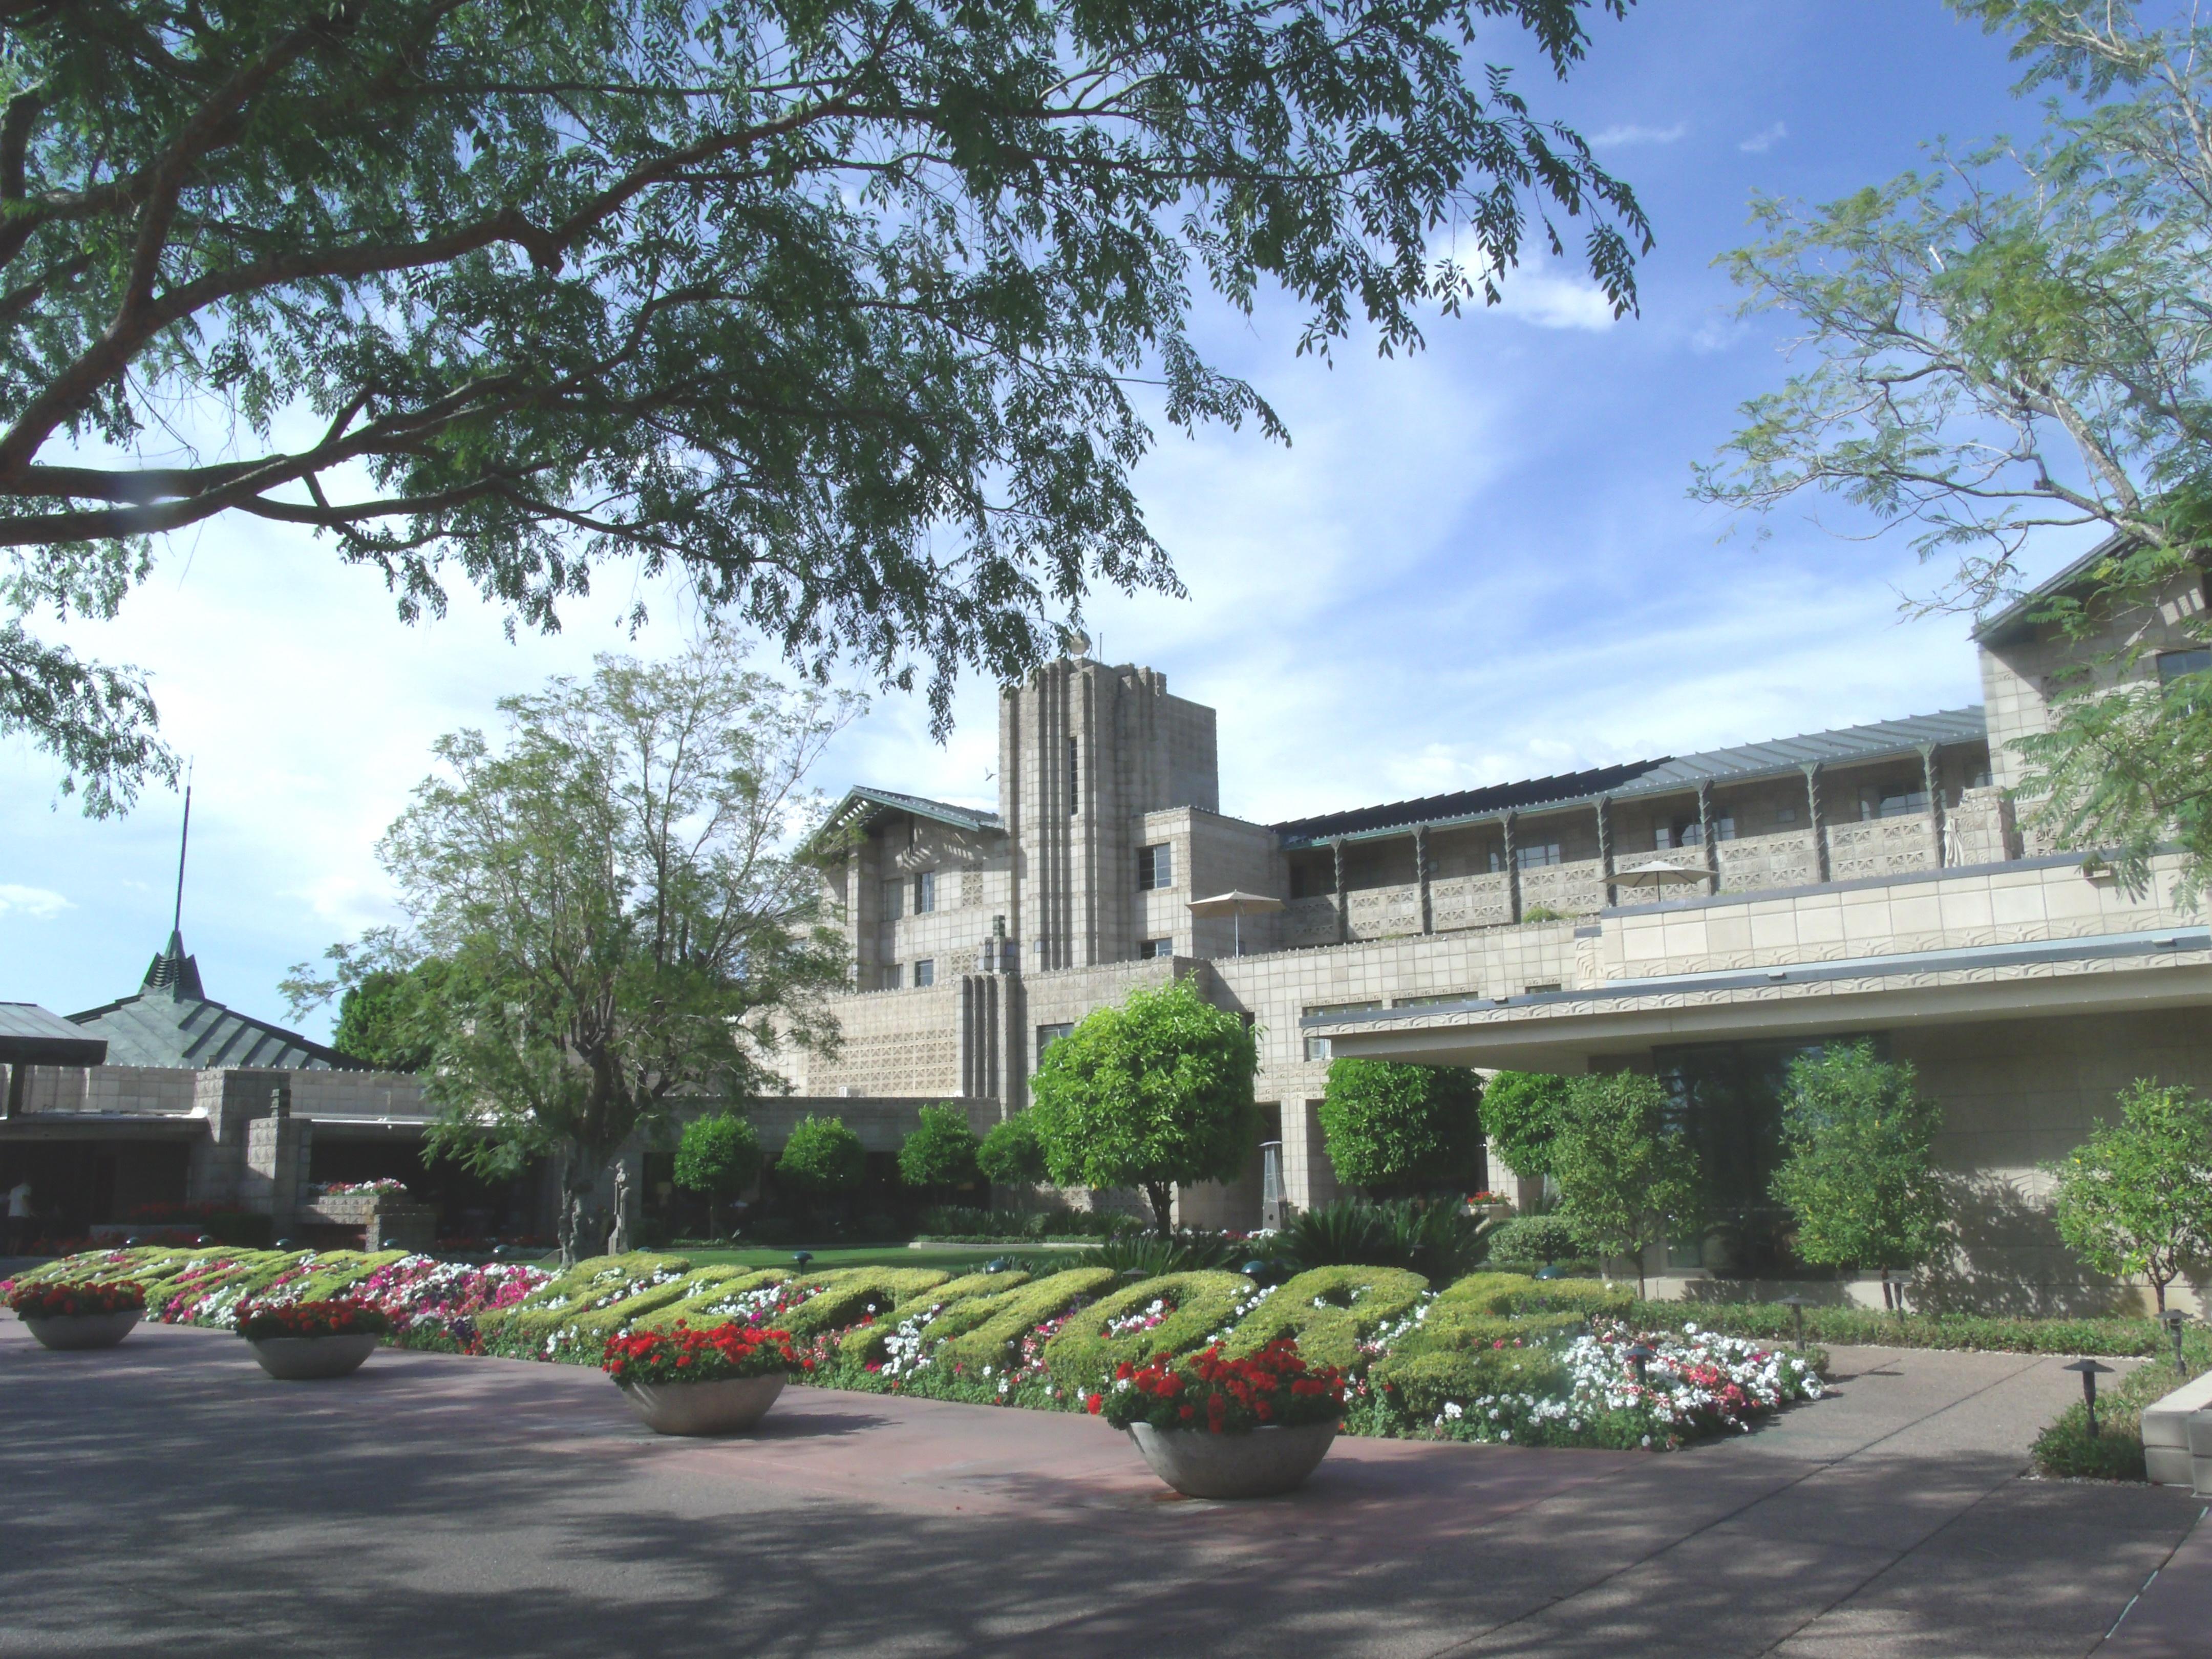 Arizona Biltmore Hotel - Wikipedia